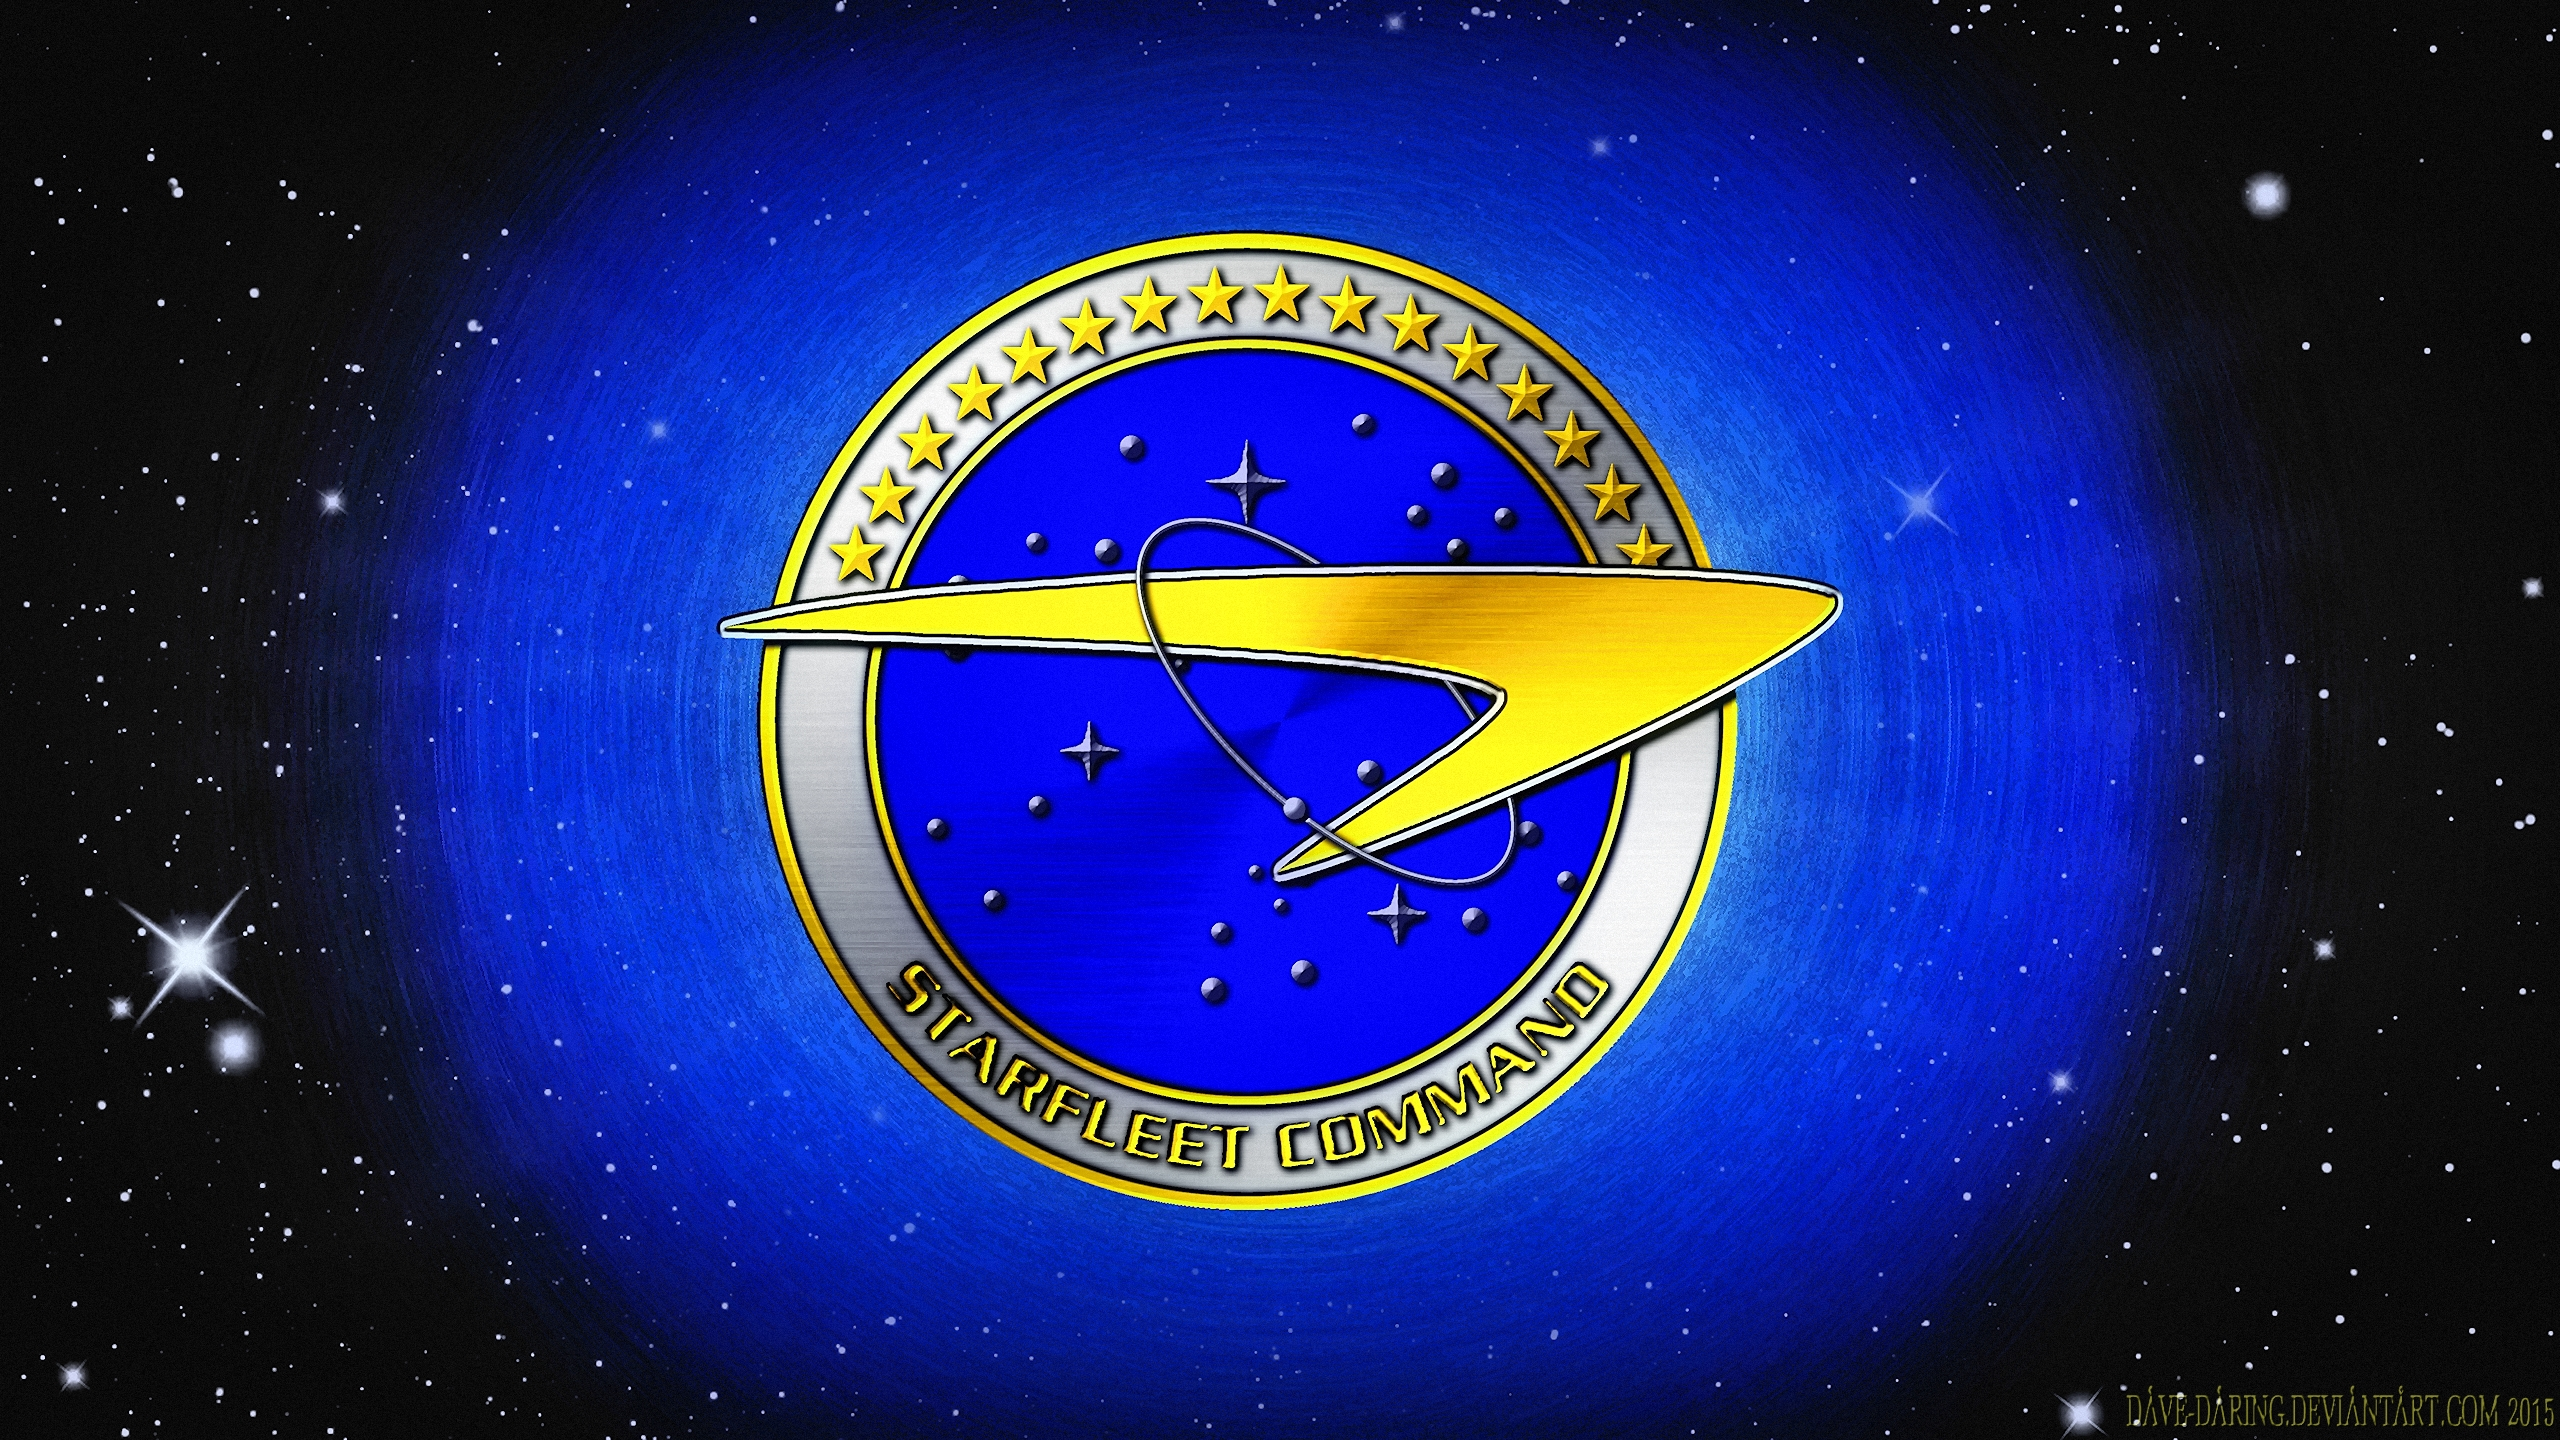 Star Fleet Command 34